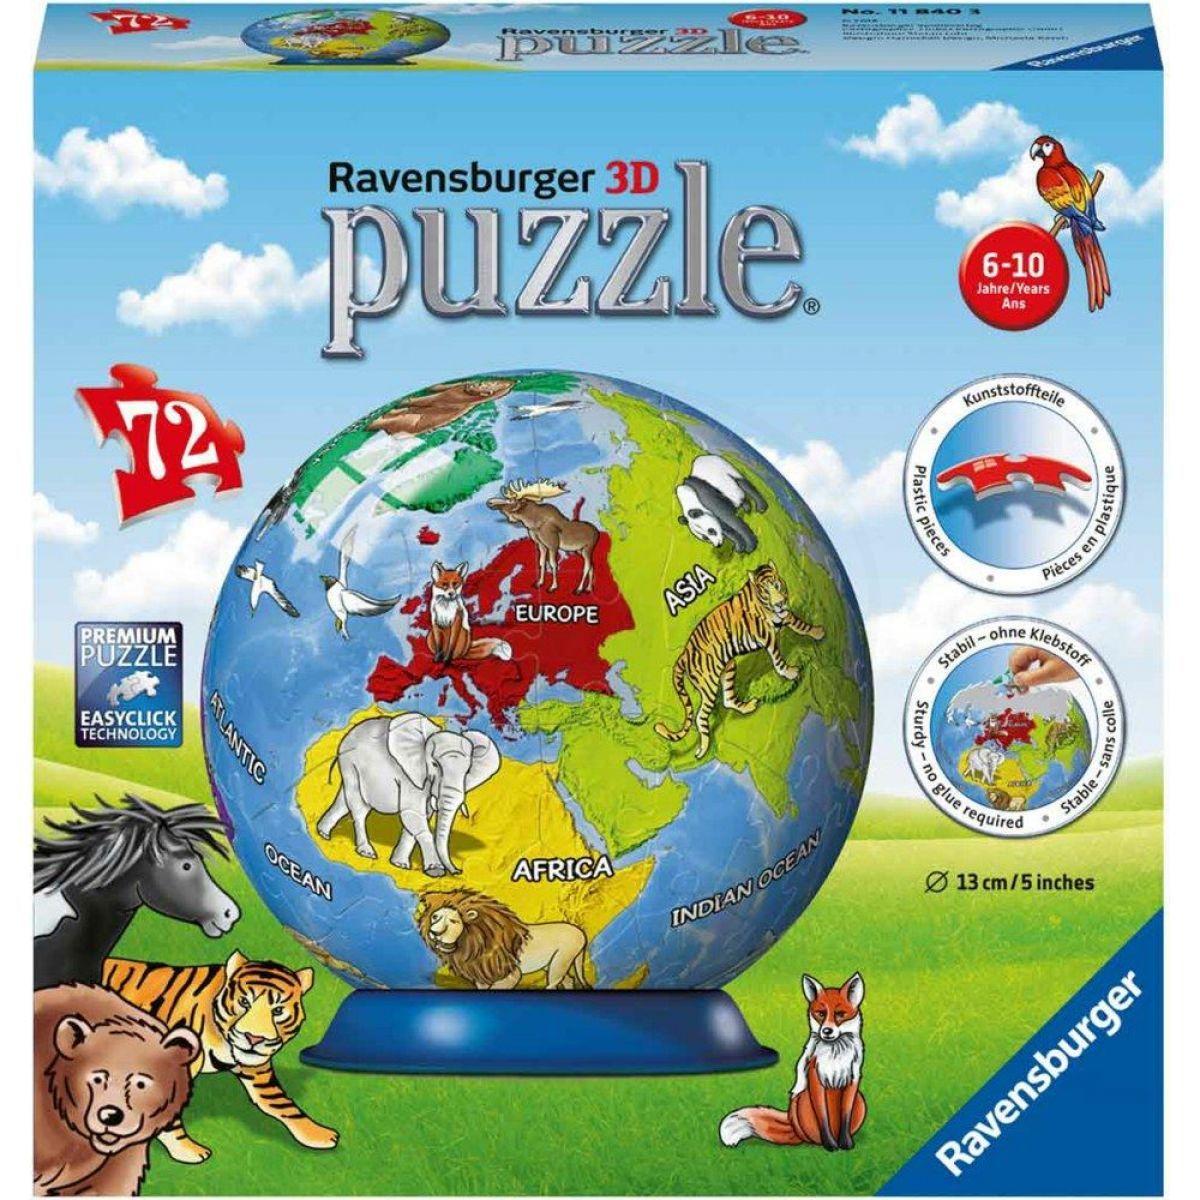 Ravensburger 3D Puzzle Malovaný globus 72 dílků